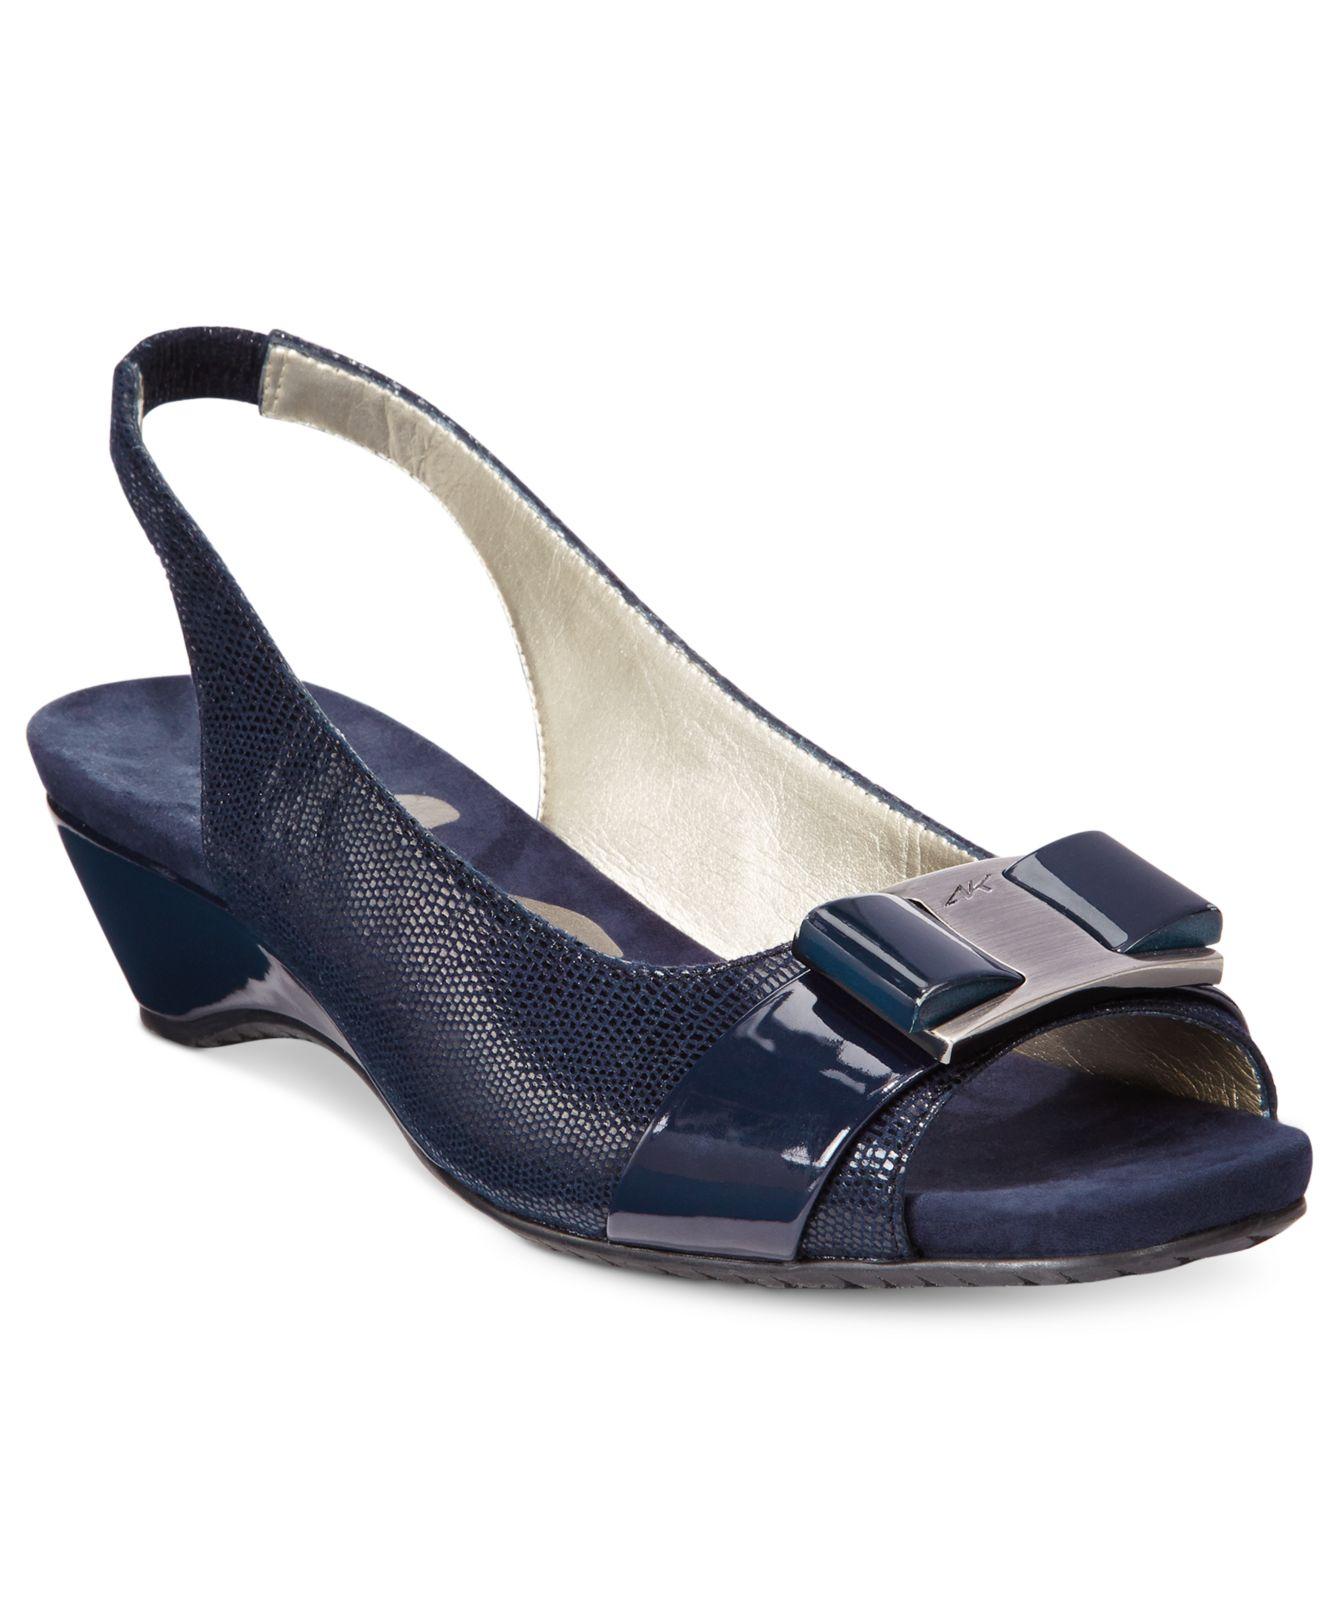 Anne Klein Harlee Dress Sandals in Navy